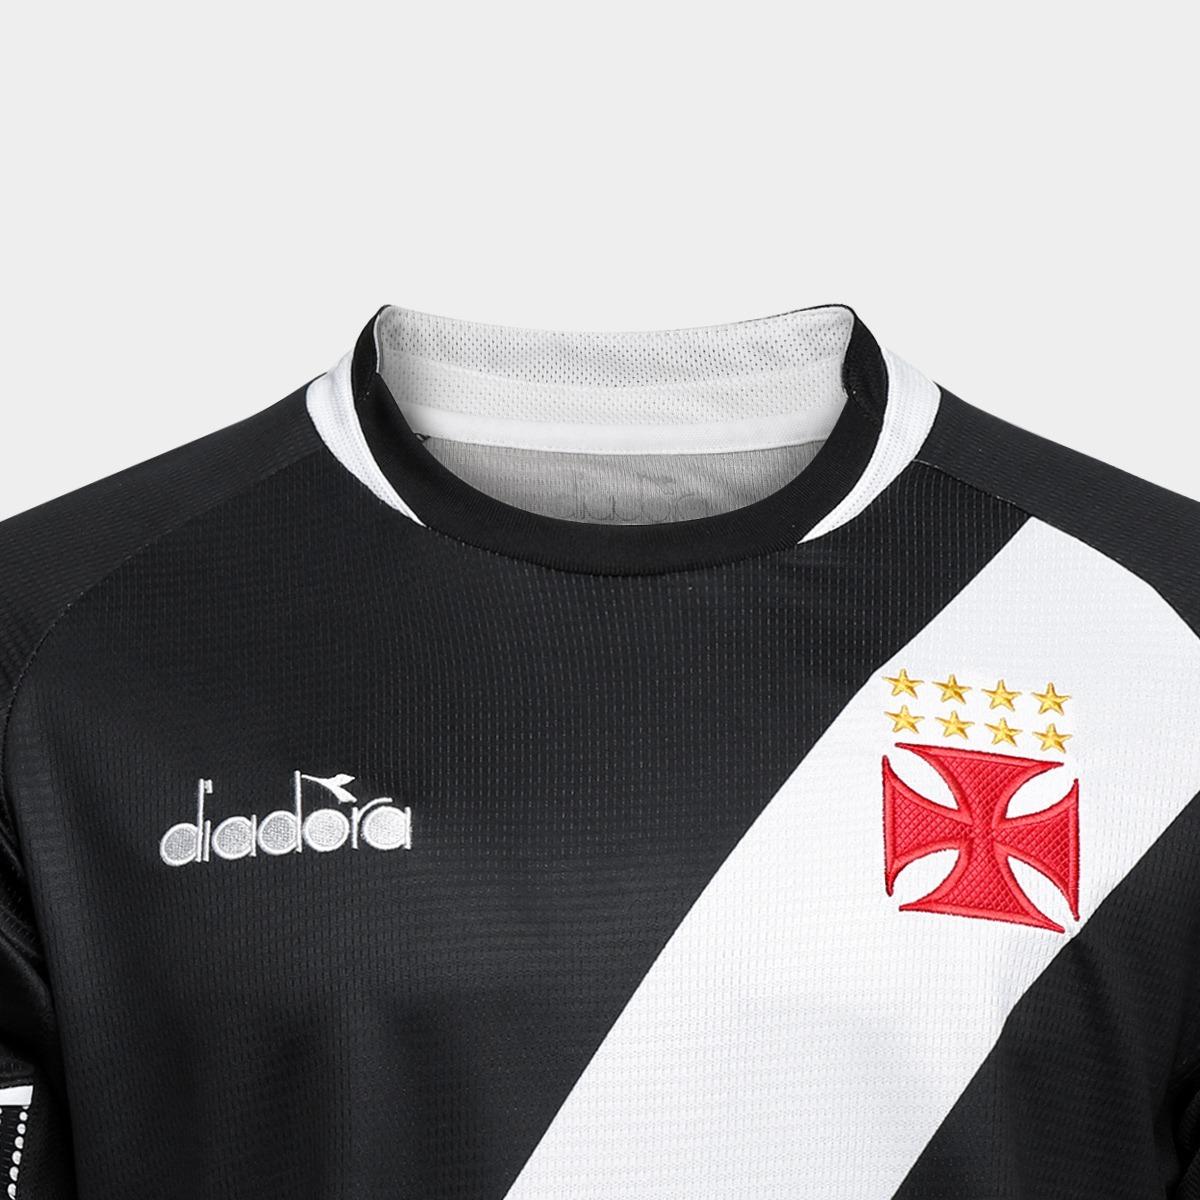 camisa vasco i 2018 s n° oficial torcedor diadora masculina. Carregando  zoom. 037bc94251d67